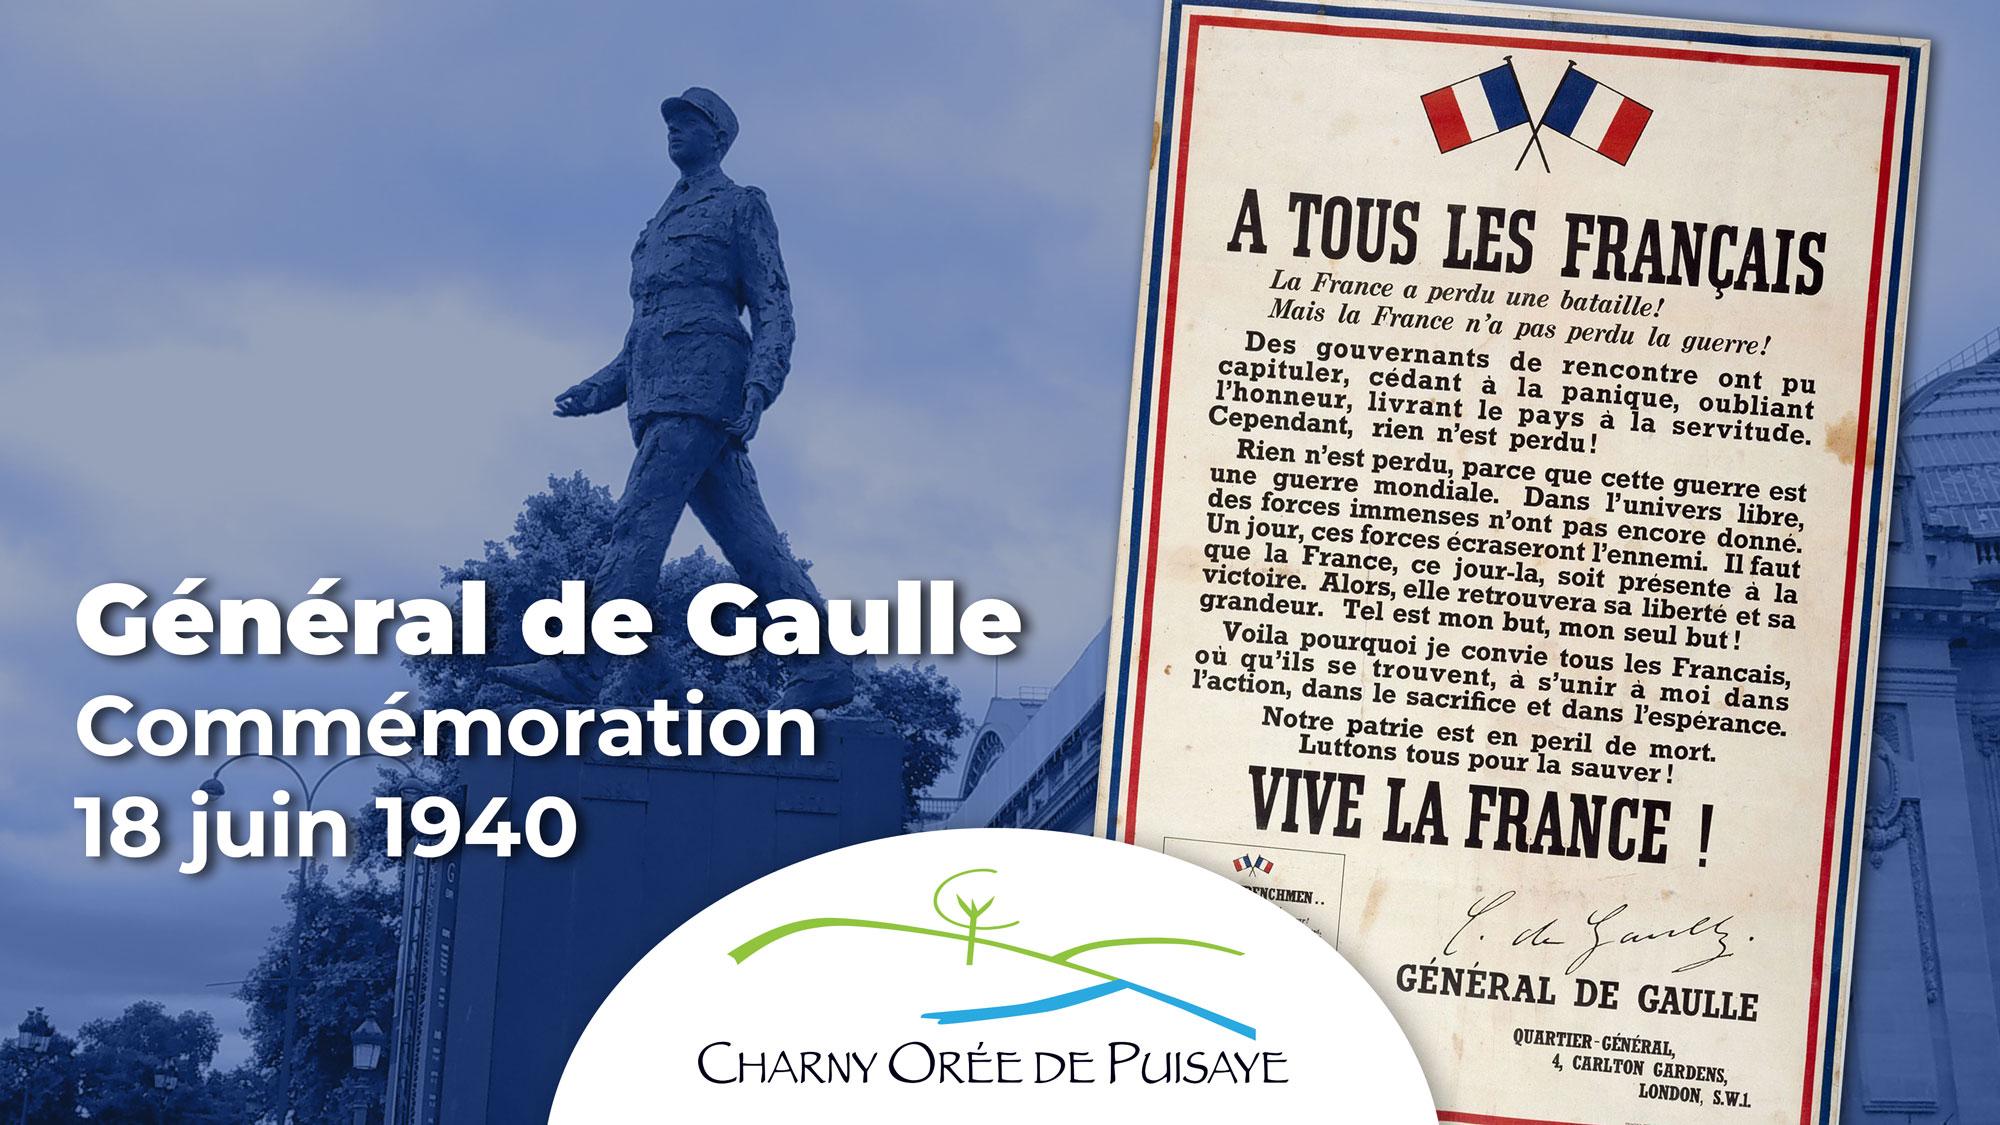 Appel du 18 juin 1940 Général de Gaulle CCOP